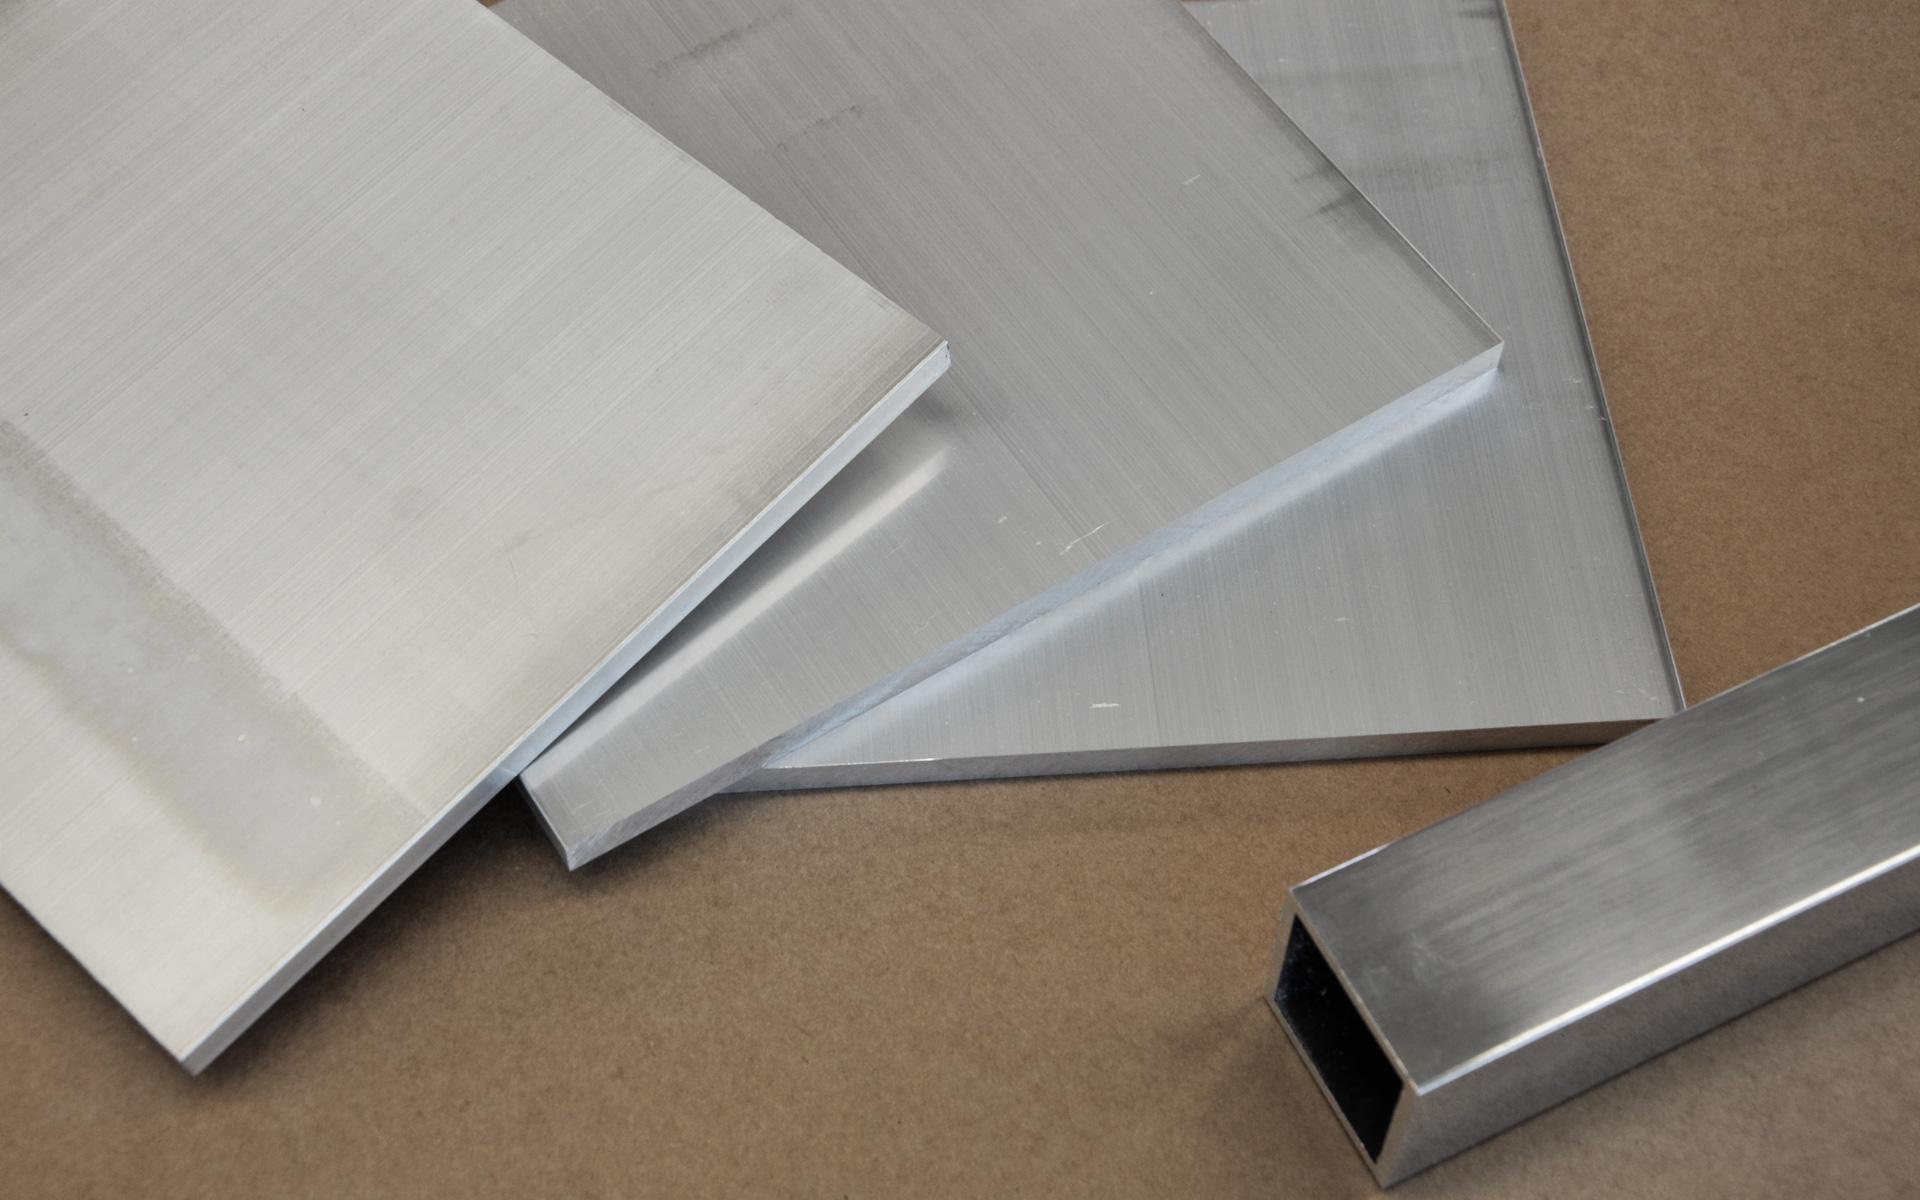 aluminium polieren die alu h rte bestimmt die wirtschaftlichkeit. Black Bedroom Furniture Sets. Home Design Ideas